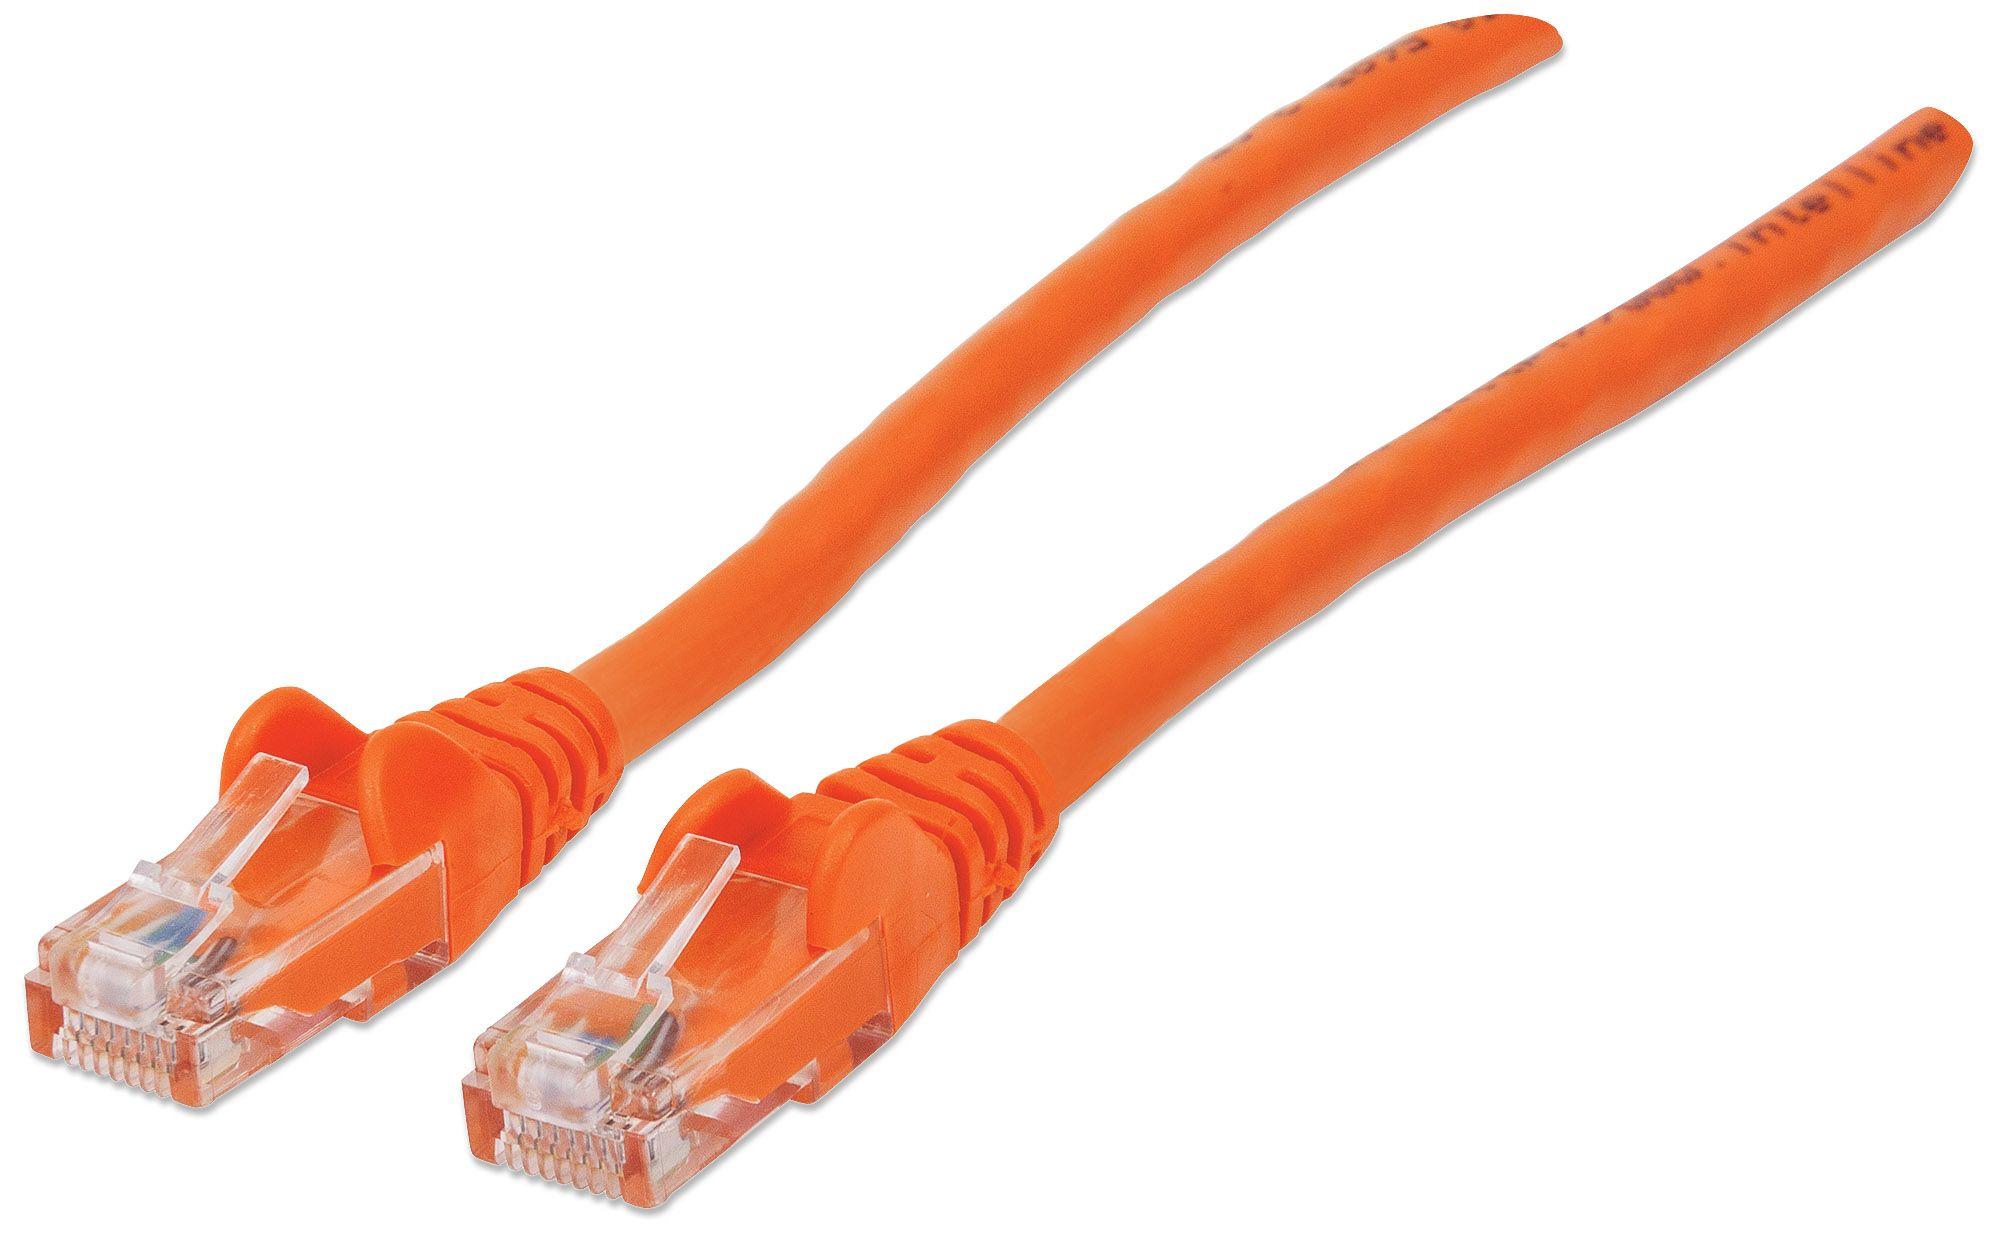 Intellinet 7ft Length CAT5E UTP Ethernet RJ45 Patch Cable Blue